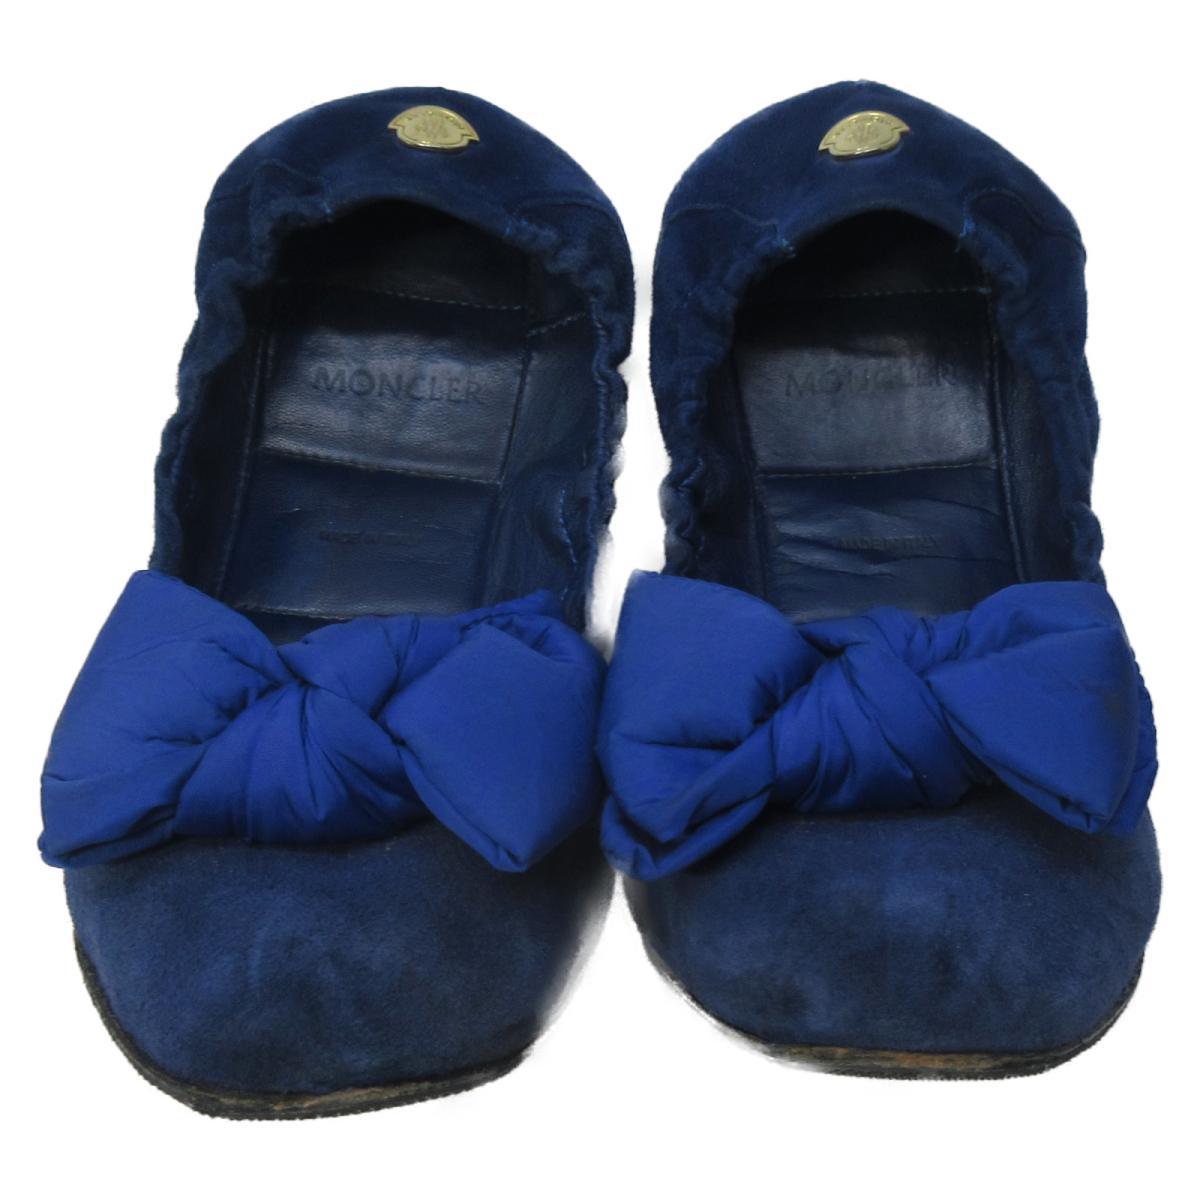 モンクレール バレーシューズ レディース レザー (スエード) ブルー | MONCLER BRANDOFF ブランドオフ ブランド 靴 シューズ クツ バレエシューズ バレエ:Brandoff銀座